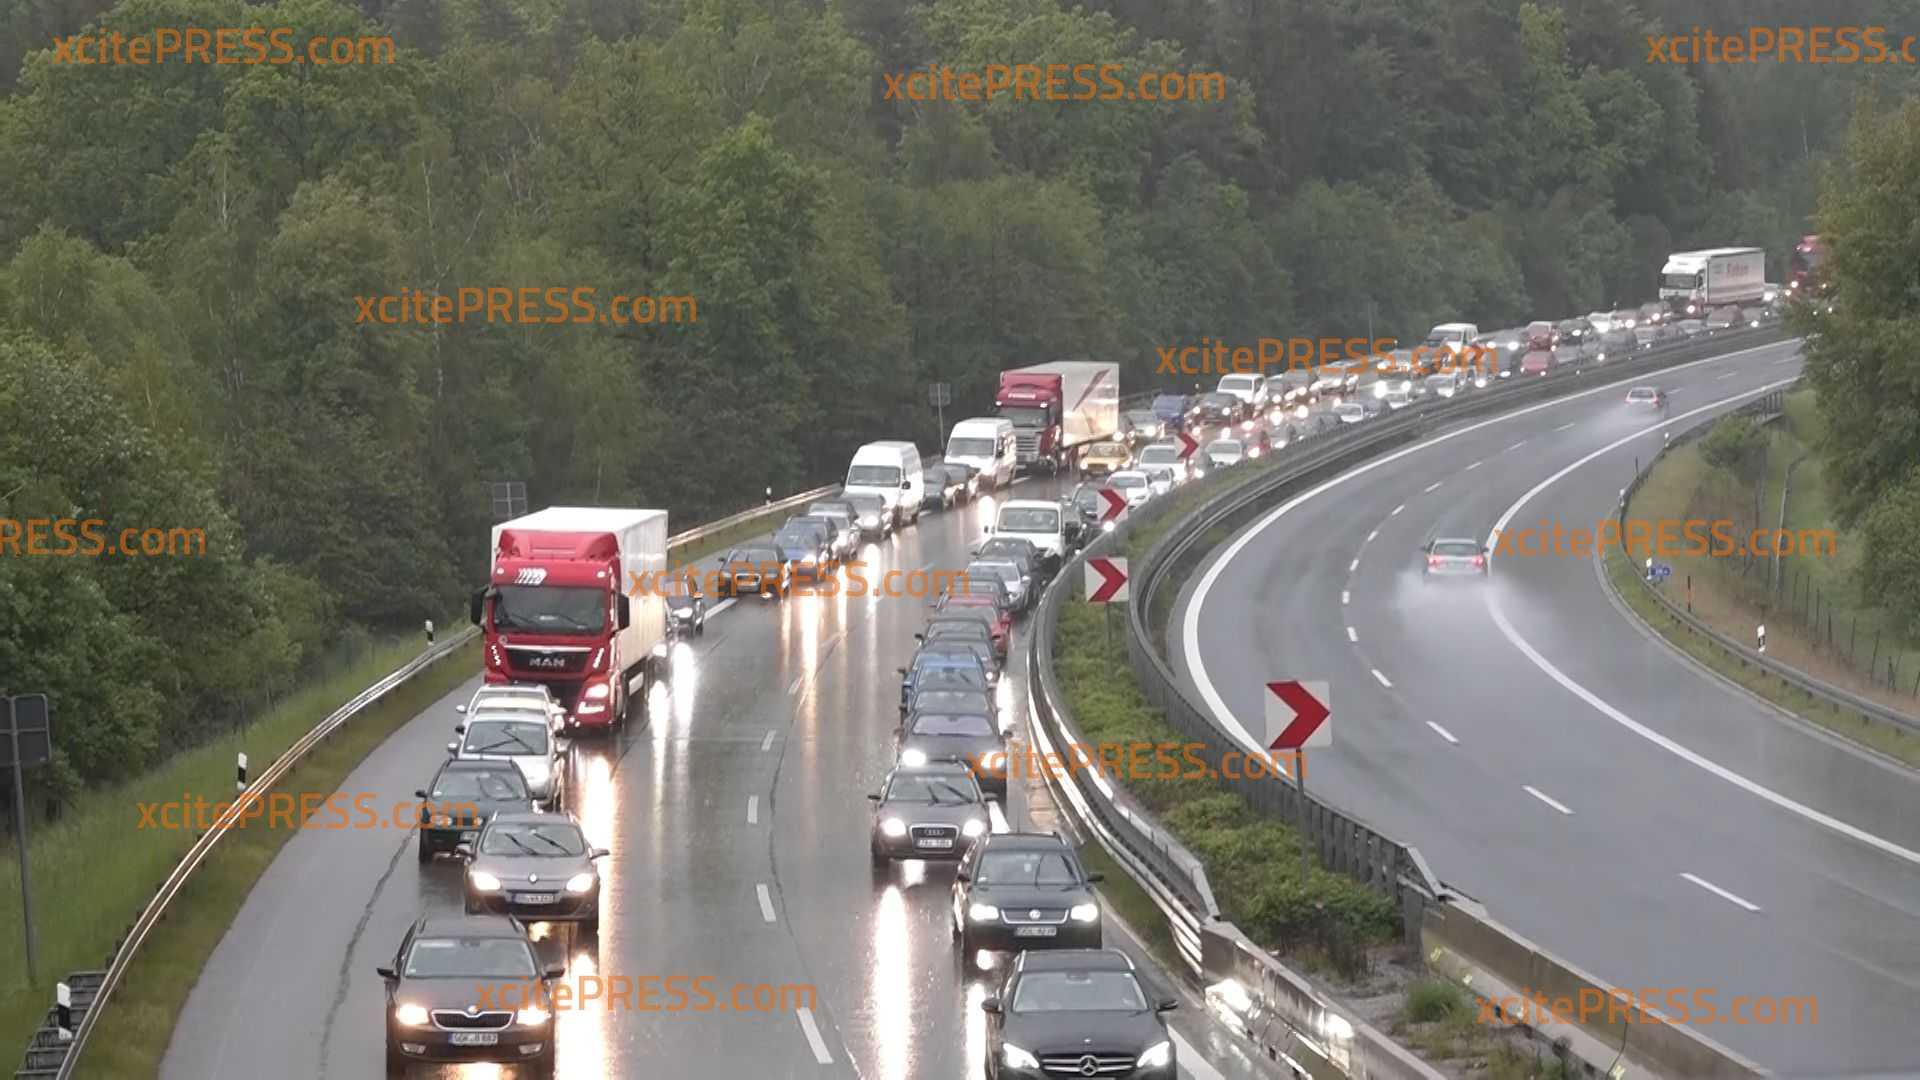 Stau! Autobahn 4 wird wieder zur Geduldsprobe: Etliche Unfälle zum Beginn des Pendelverkehrs am Sonntagabend